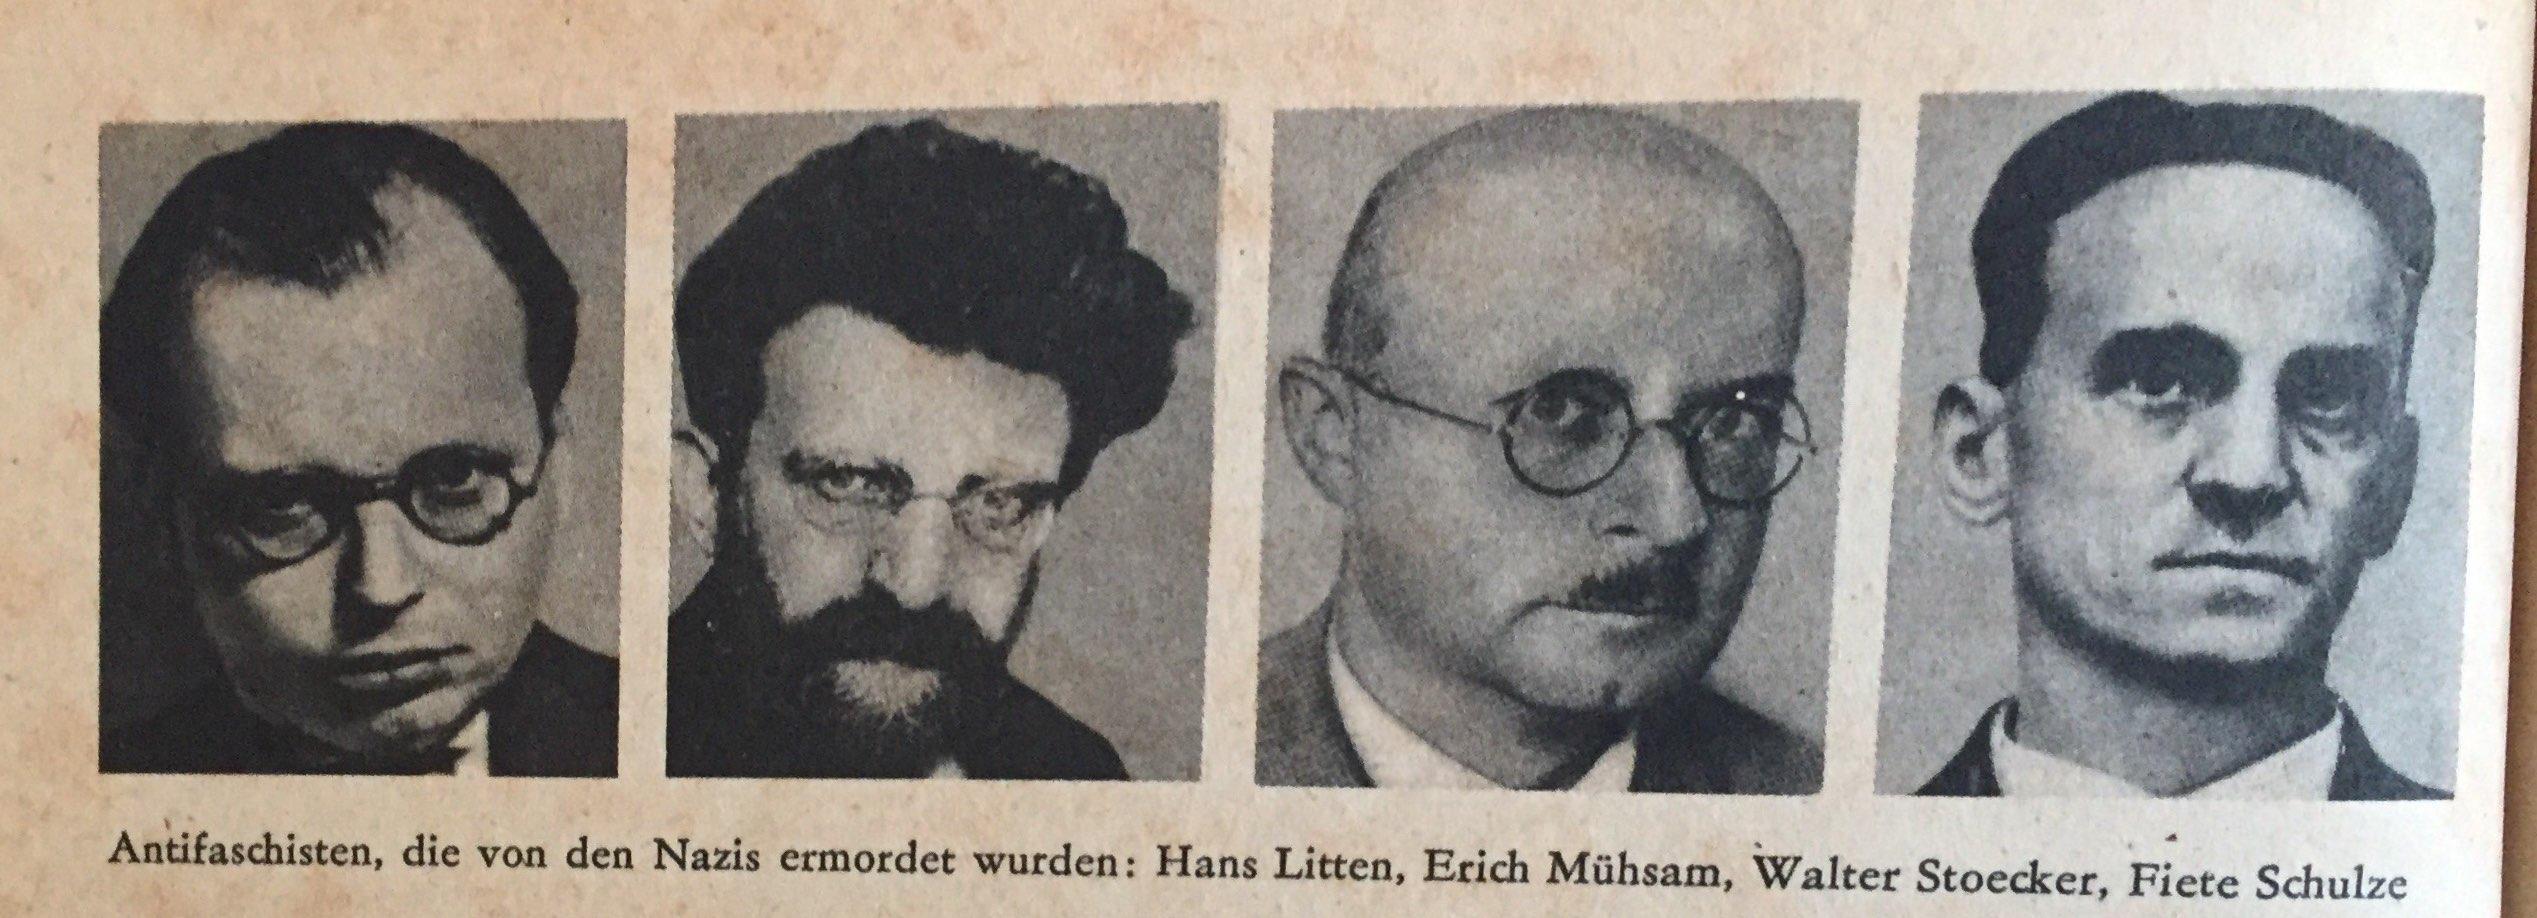 Der antifaschistische Widerstandskampf bis zur Brüsseler Parteikonferenz der KPD